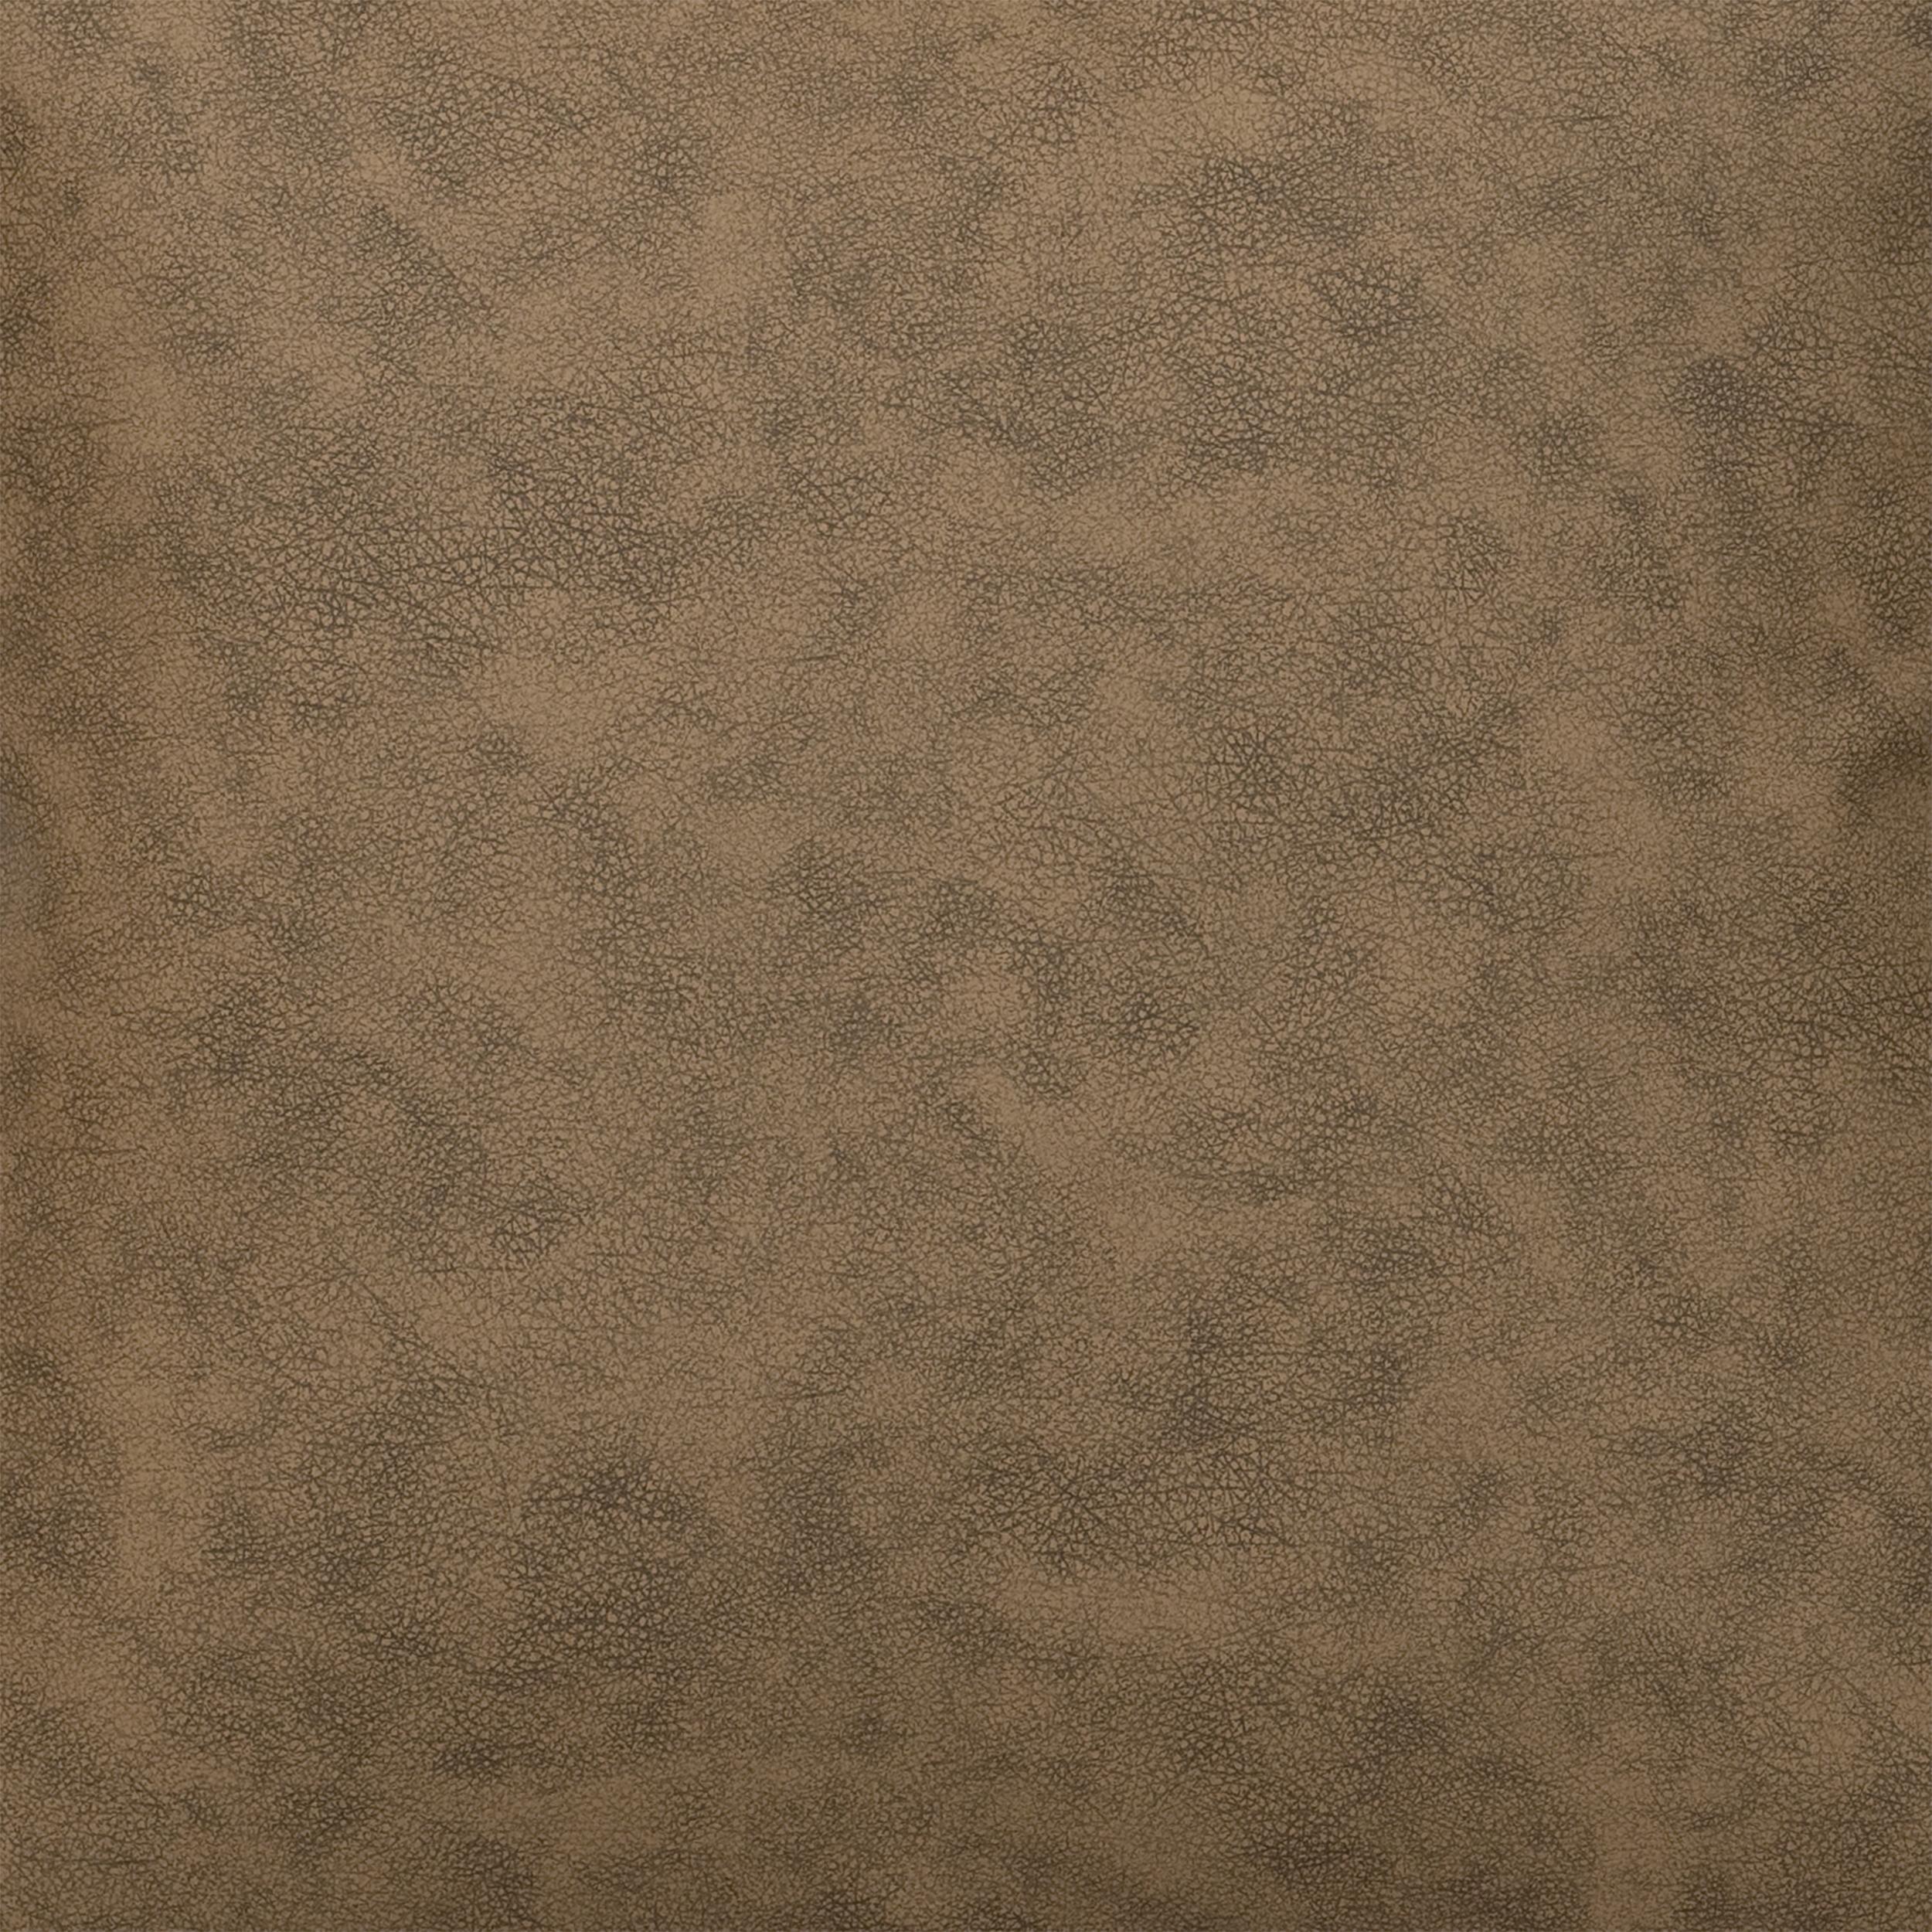 Bramble Faux Leather